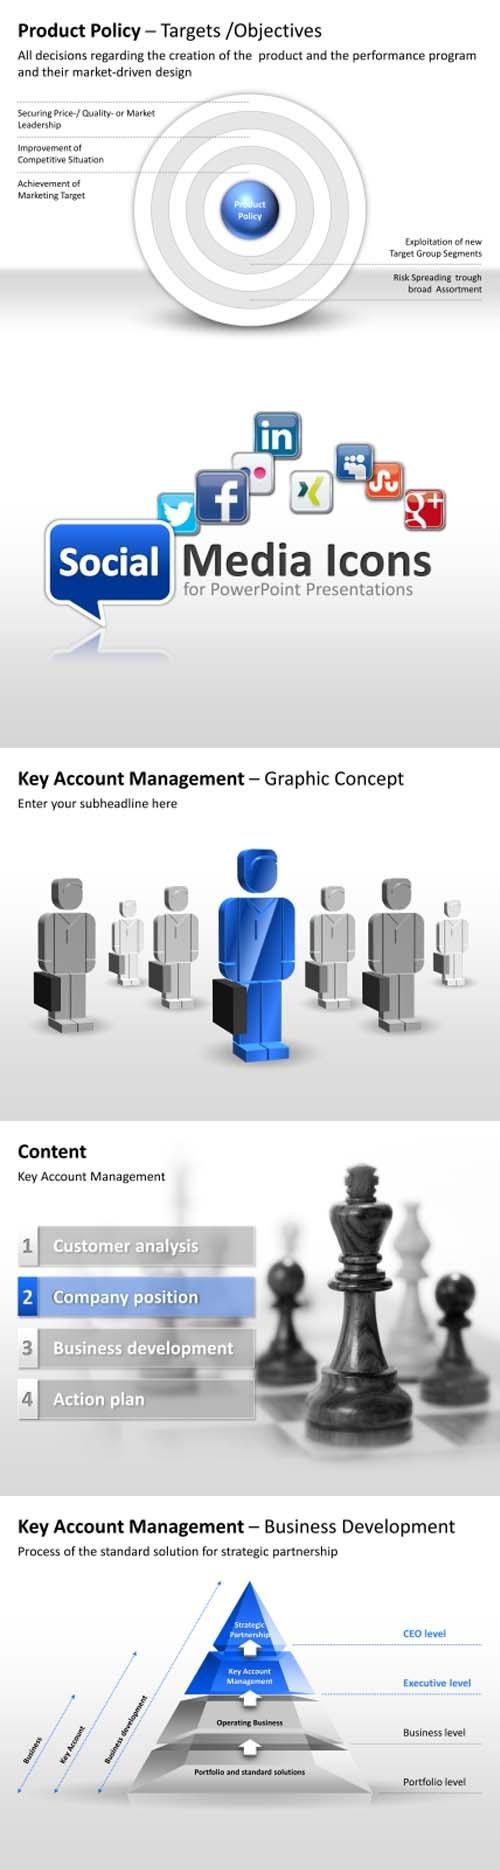 PowerPoint Vorlage zur Gestaltung hochwertiger Business-Präsentationen http://www.presentationload.de/business/